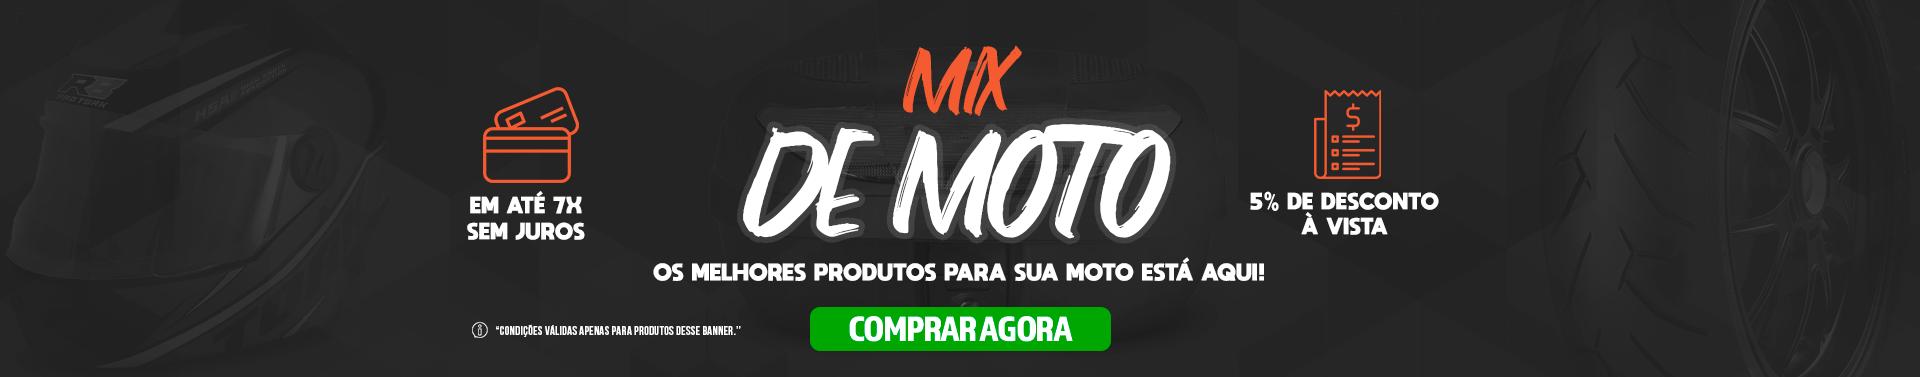 Mix de moto